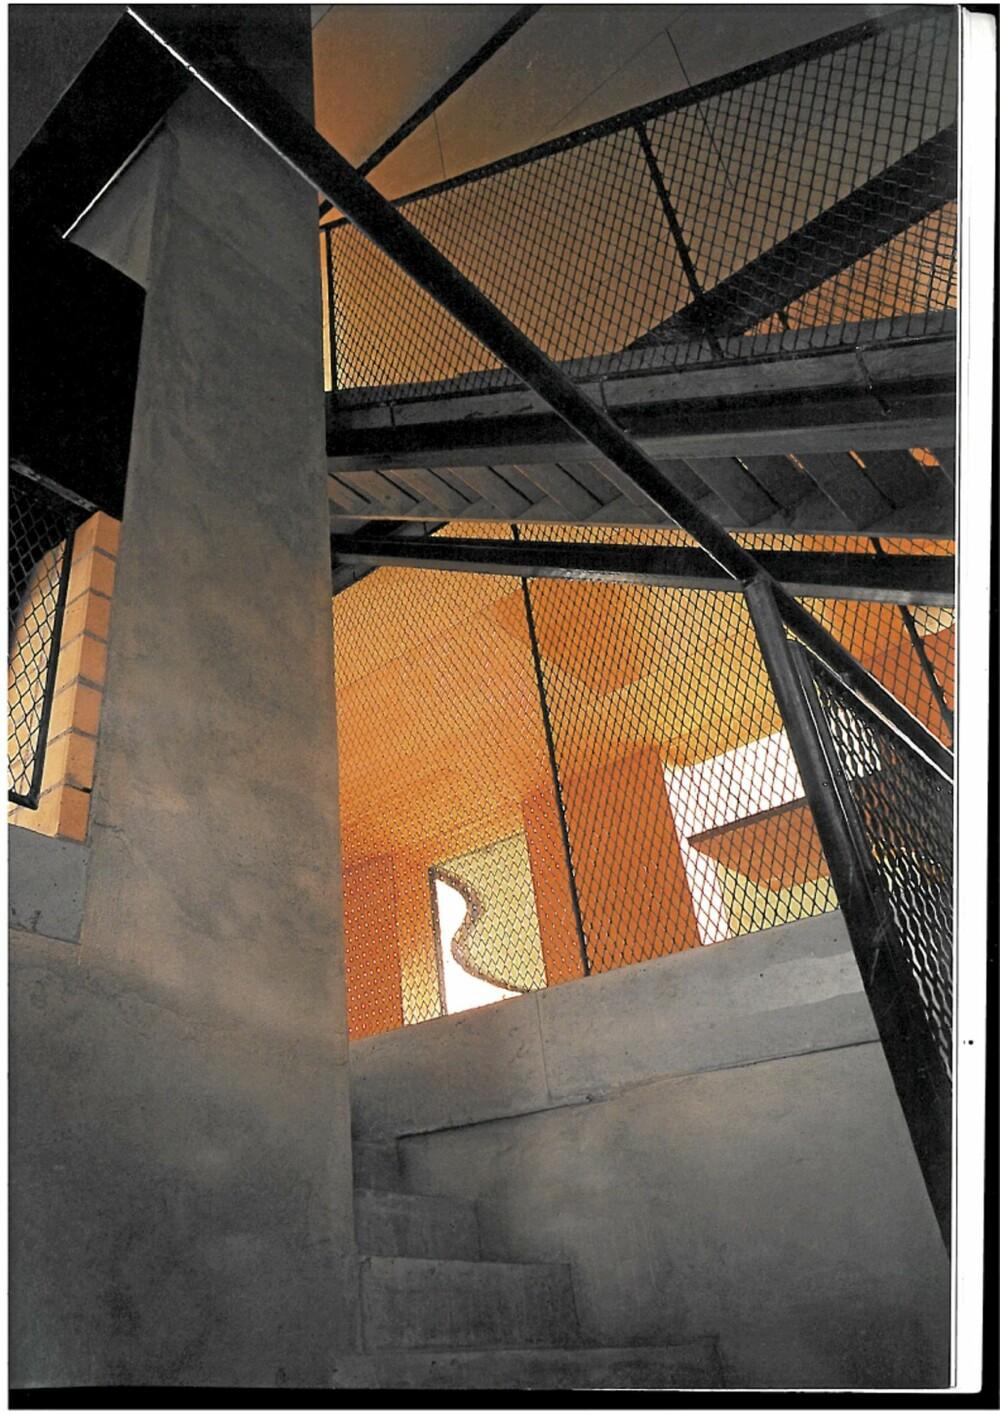 KORSETT. I trappekjernen ser vi hvordan den nye stålkonstruksjonen stiver av huset.